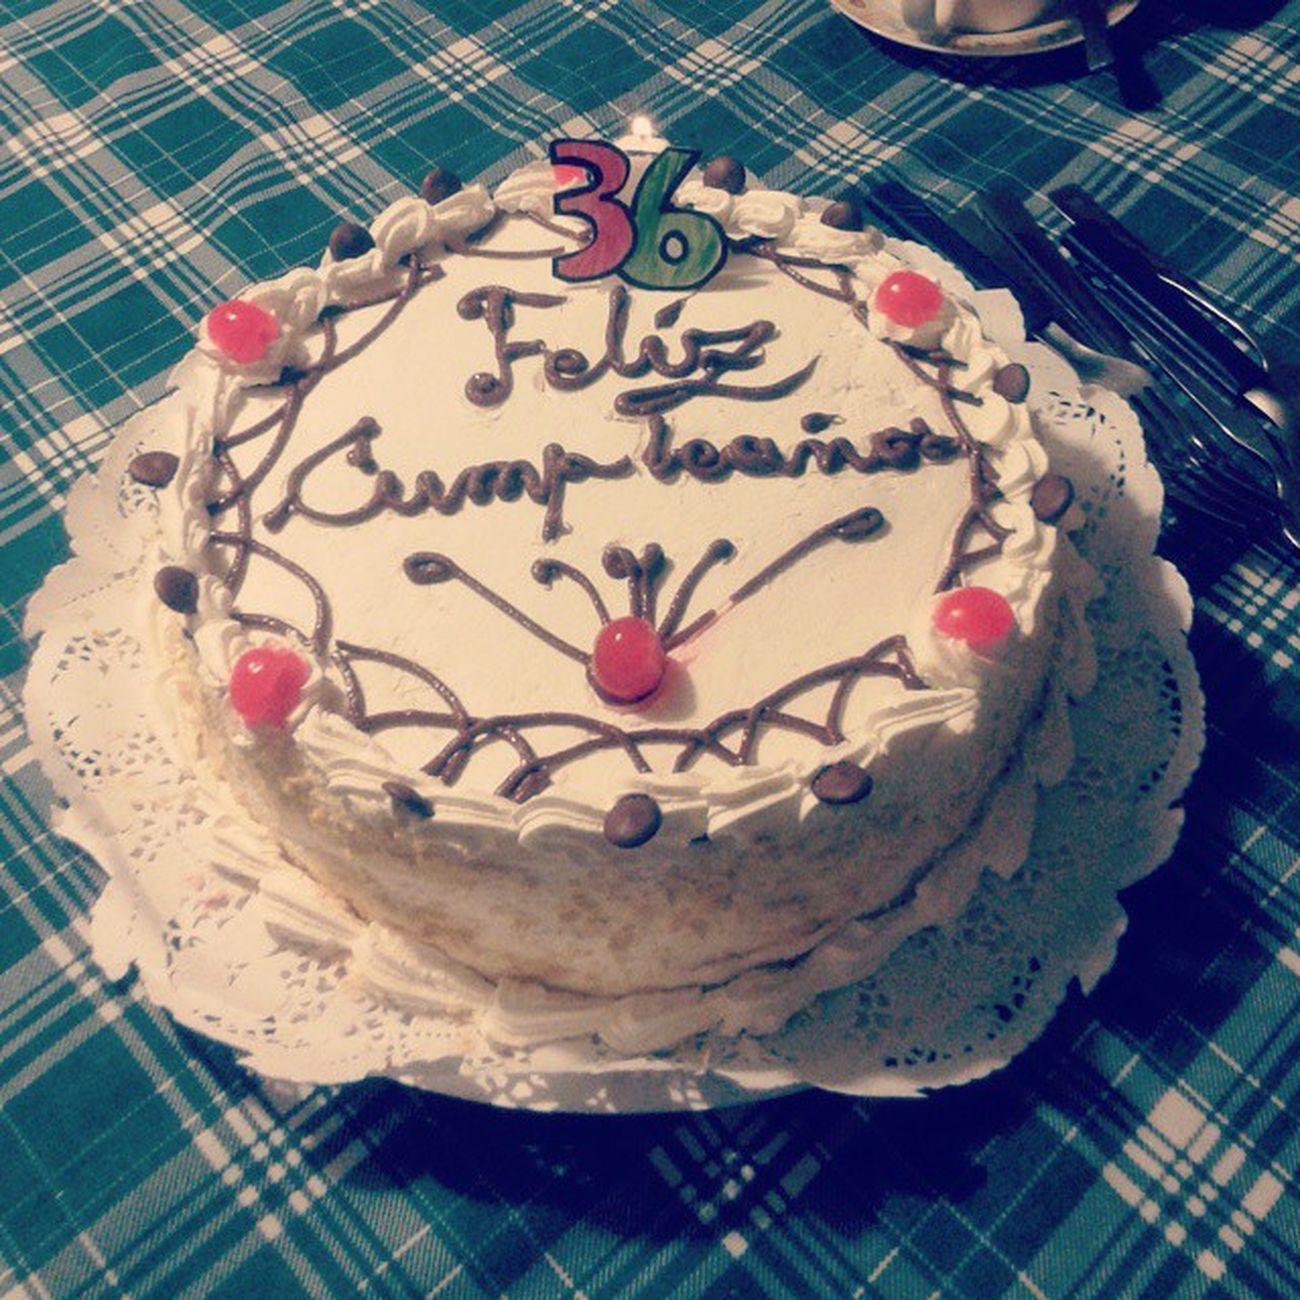 día 2: feliz cumpleaños a la tía mas linda del mundo 🎉 te quiero mucho mucho grande jajaja💕 fue furor la vela improvisada 👌👌👌 100happydays Torta Cumpleaños Septiembre Instachile Dulce Happybriday